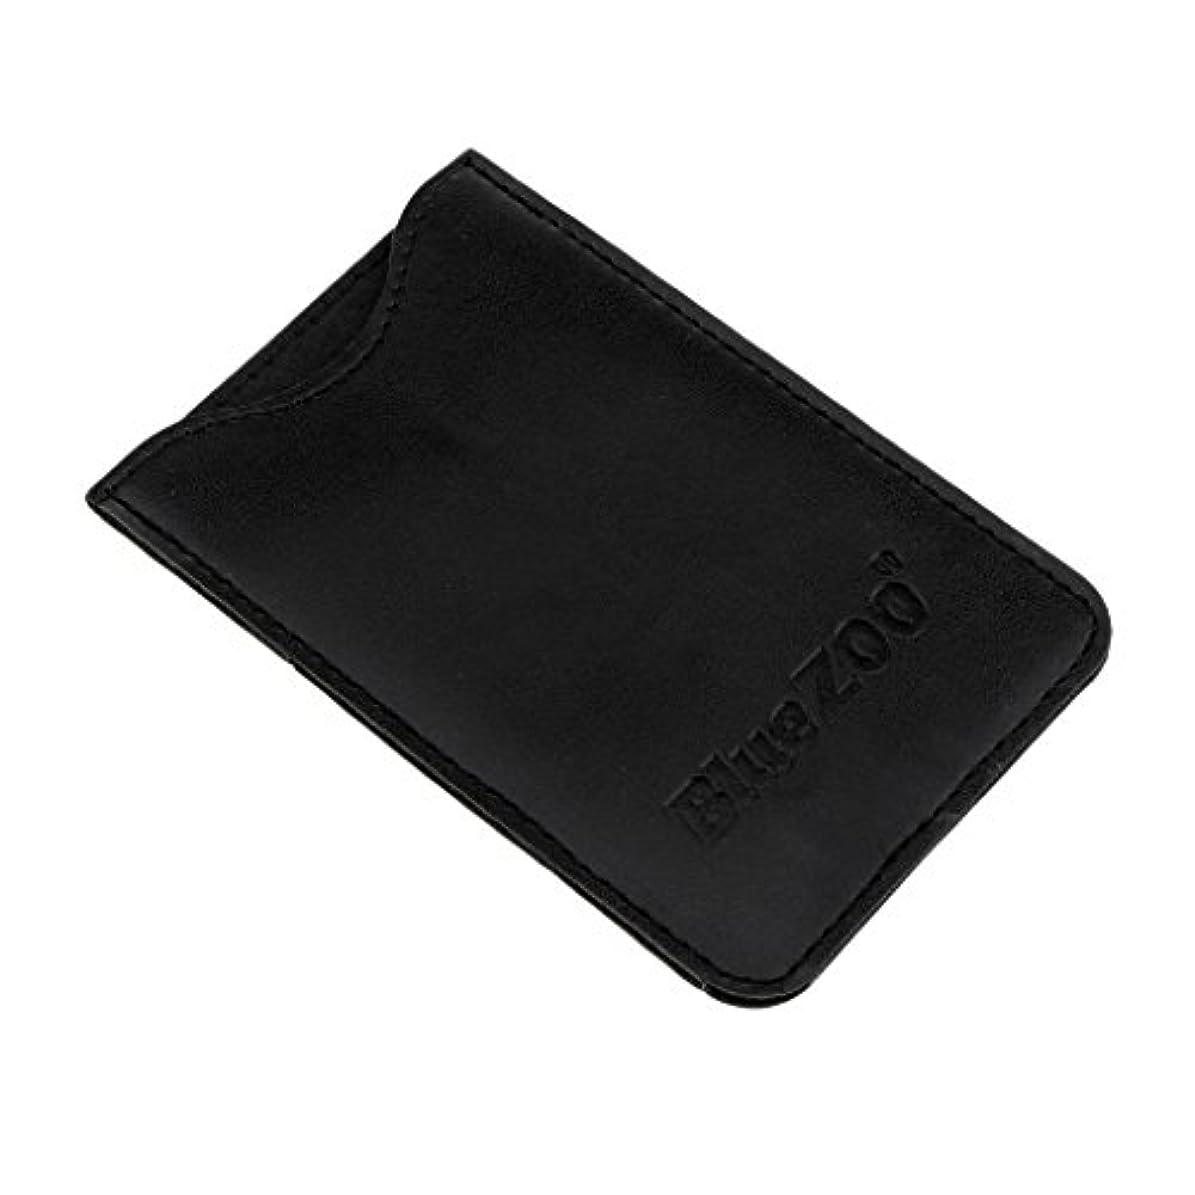 クラッチ過剰講堂PUレザー バッグ 収納ケース 保護カバー 櫛/名刺/IDカード/銀行カード 収納パック 便利 全2色 - ブラック